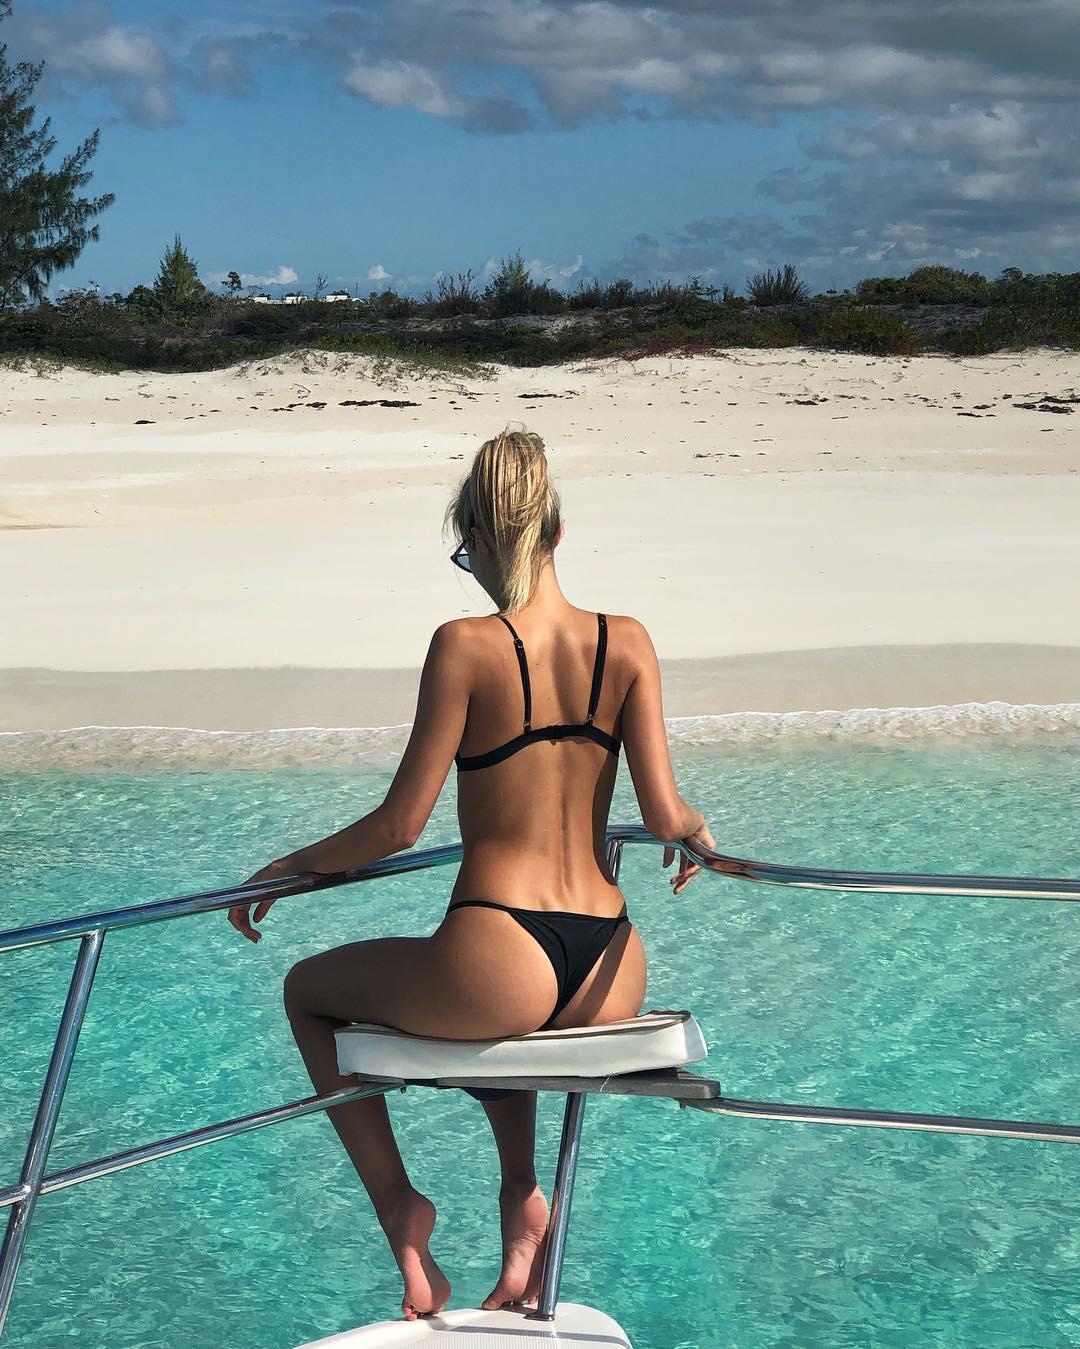 鲁能神锋女友海边秀酥腰翘臀 下面一汪春水太美了